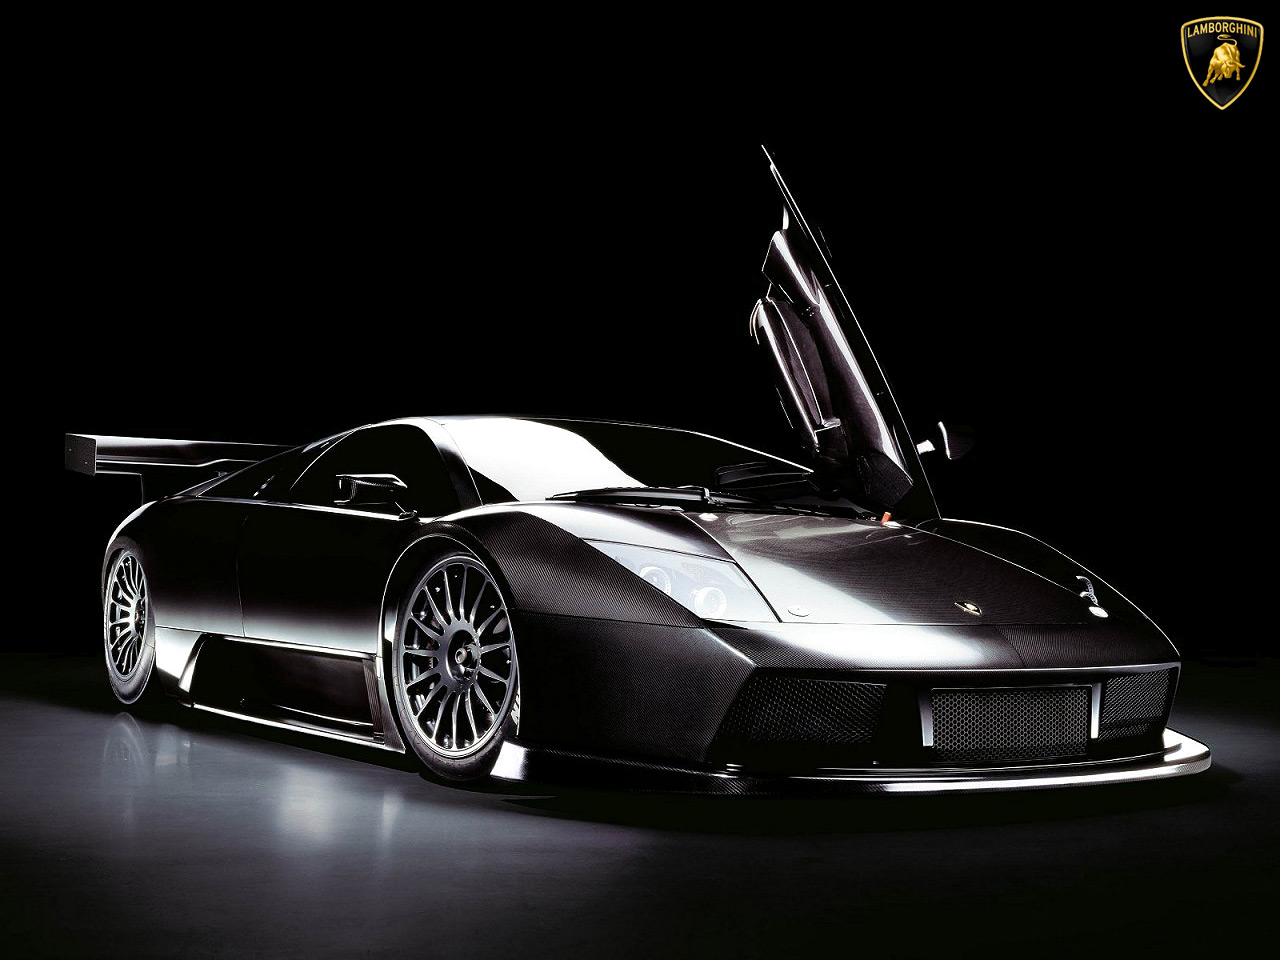 http://4.bp.blogspot.com/-1_fD_utoXTQ/TZR6ghKz0LI/AAAAAAAABZE/r6dcldnl-tE/s1600/Lamborghini_Murcielago_R-GT%252C_2003.jpg